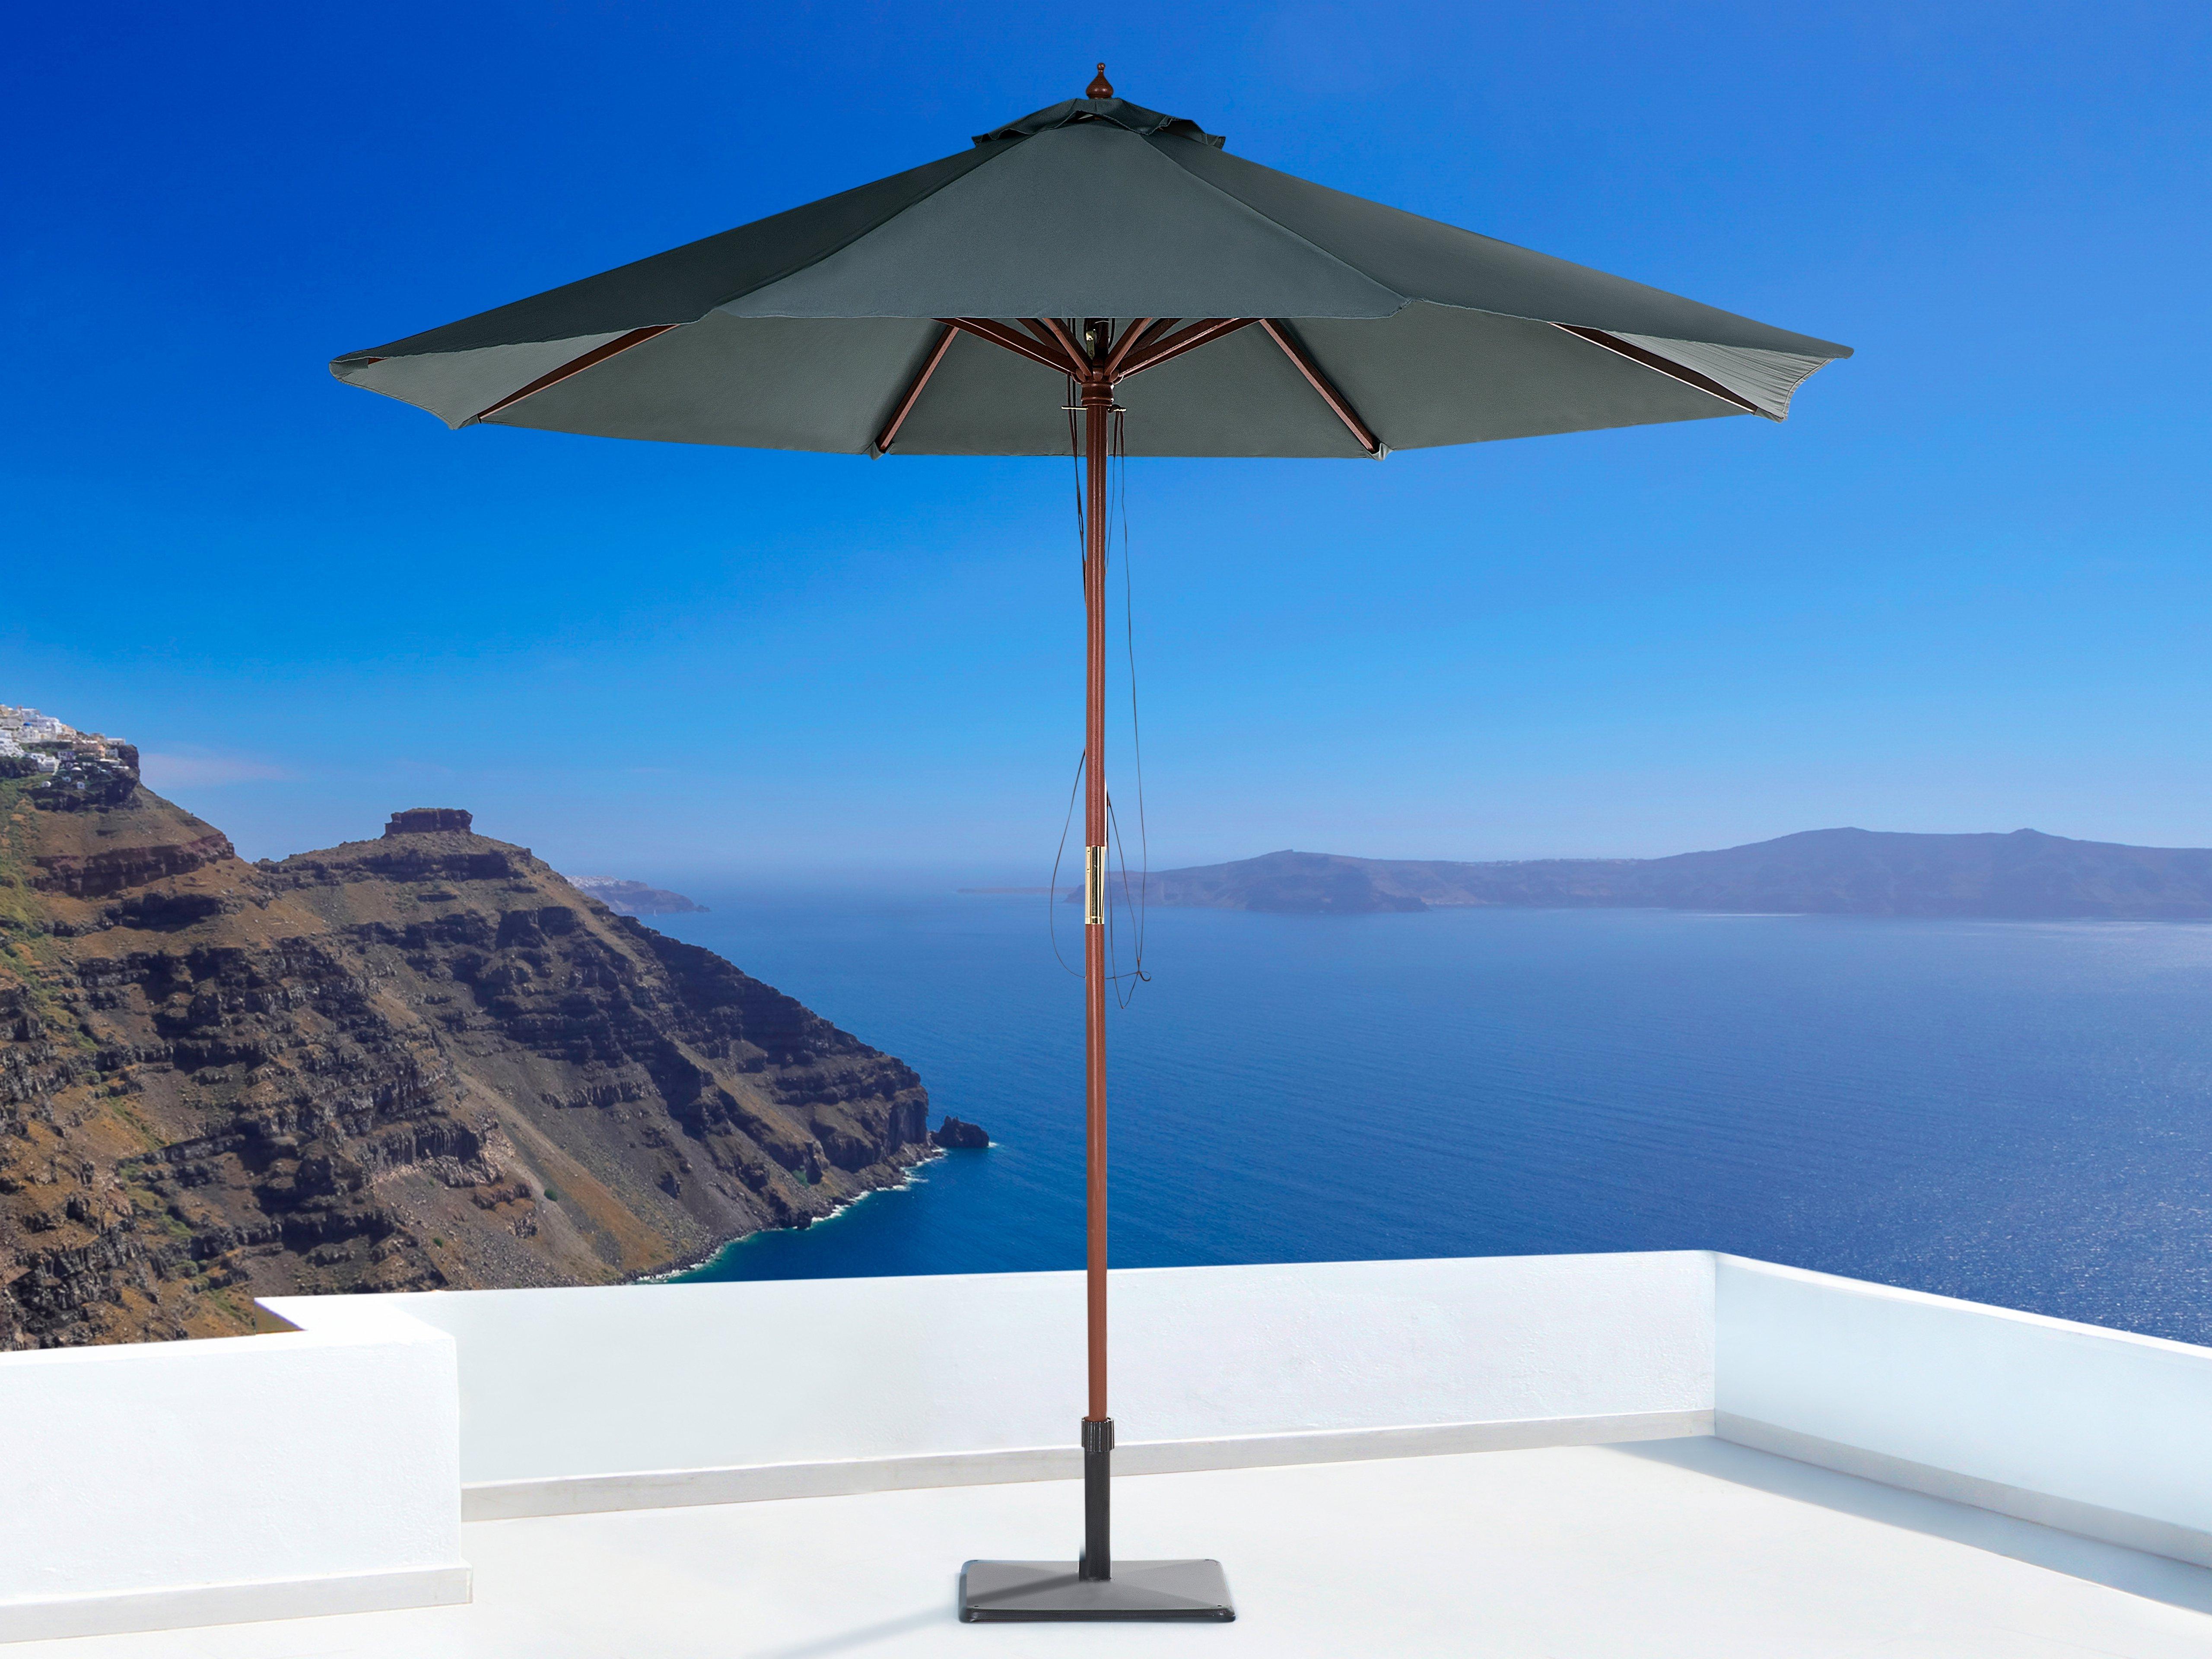 Widely Used Lora Market Umbrellas Regarding Espinal 9' Market Umbrella (View 20 of 20)